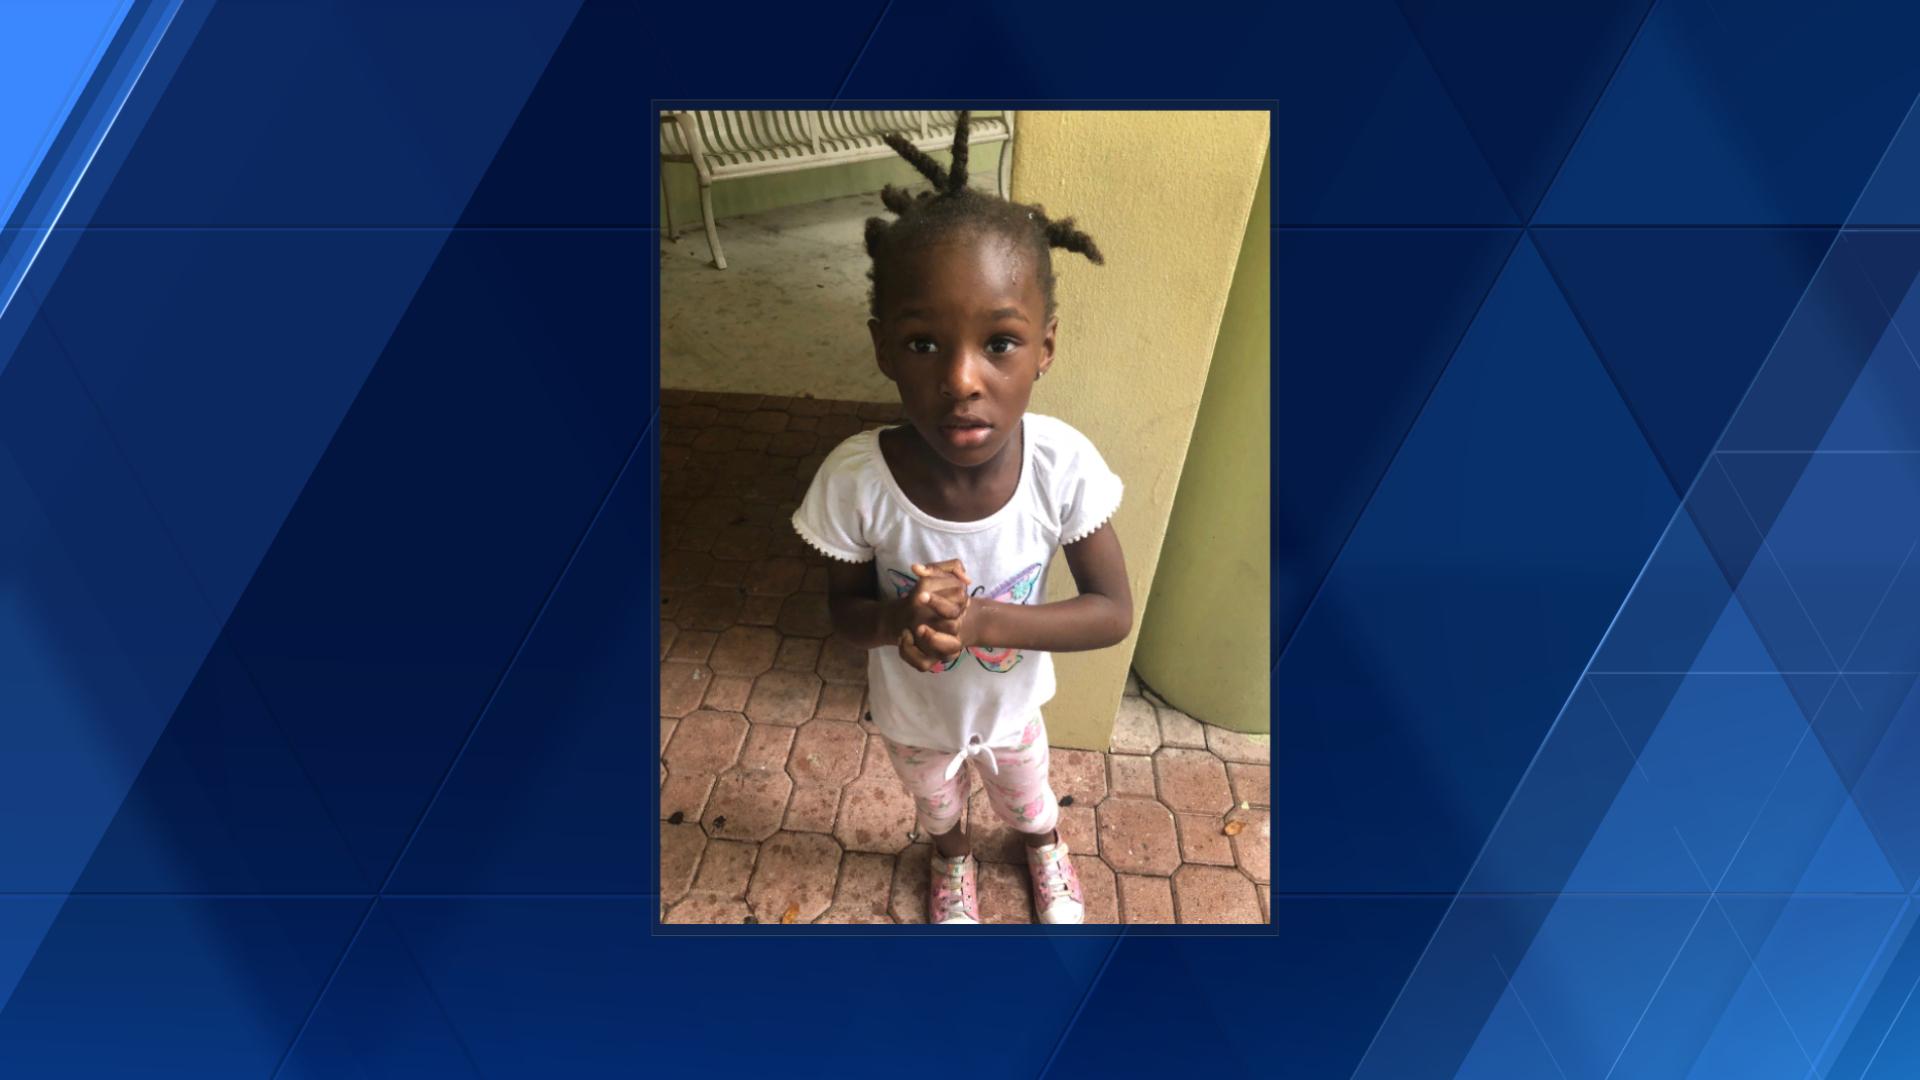 Boynton Beach police reunite little girl with mother